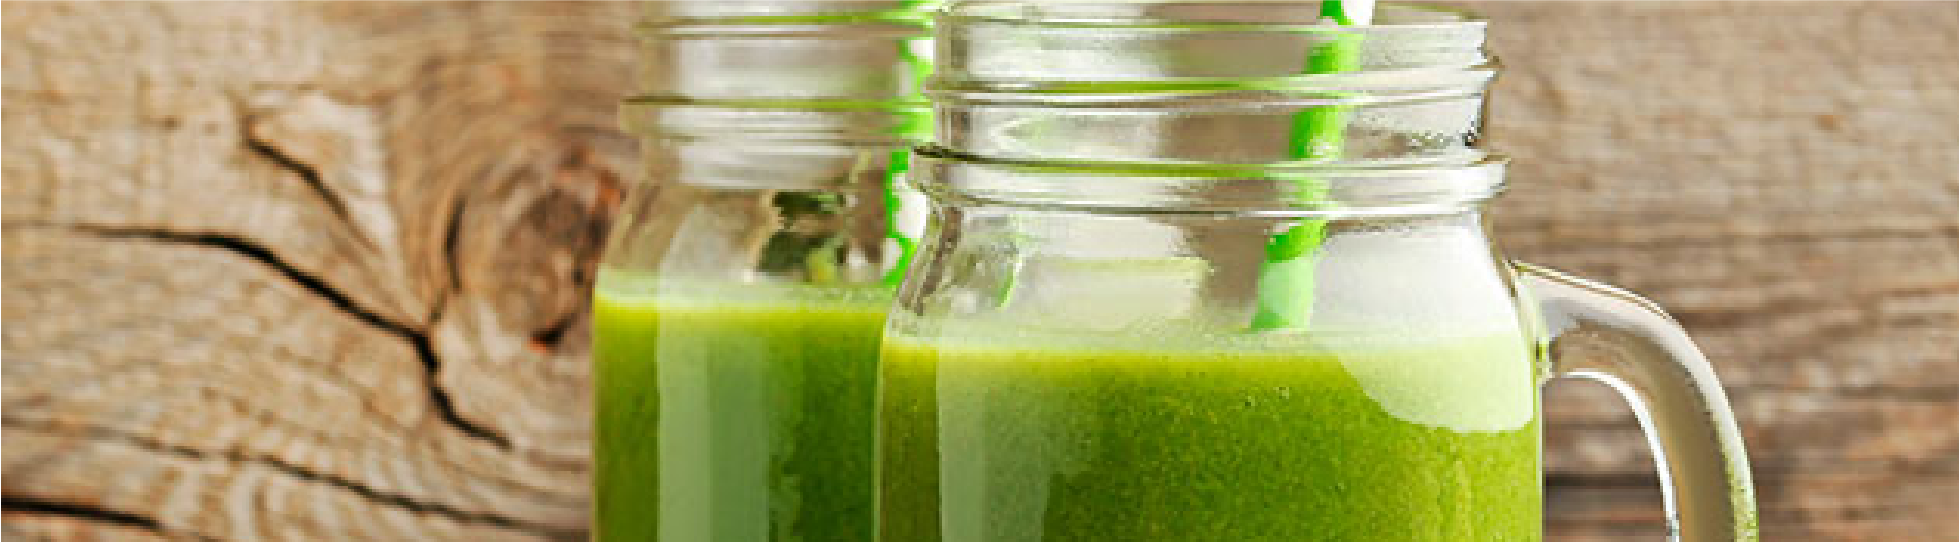 Agua de alfalfa pepino y miel para mejorar el funcionamiento digestivo